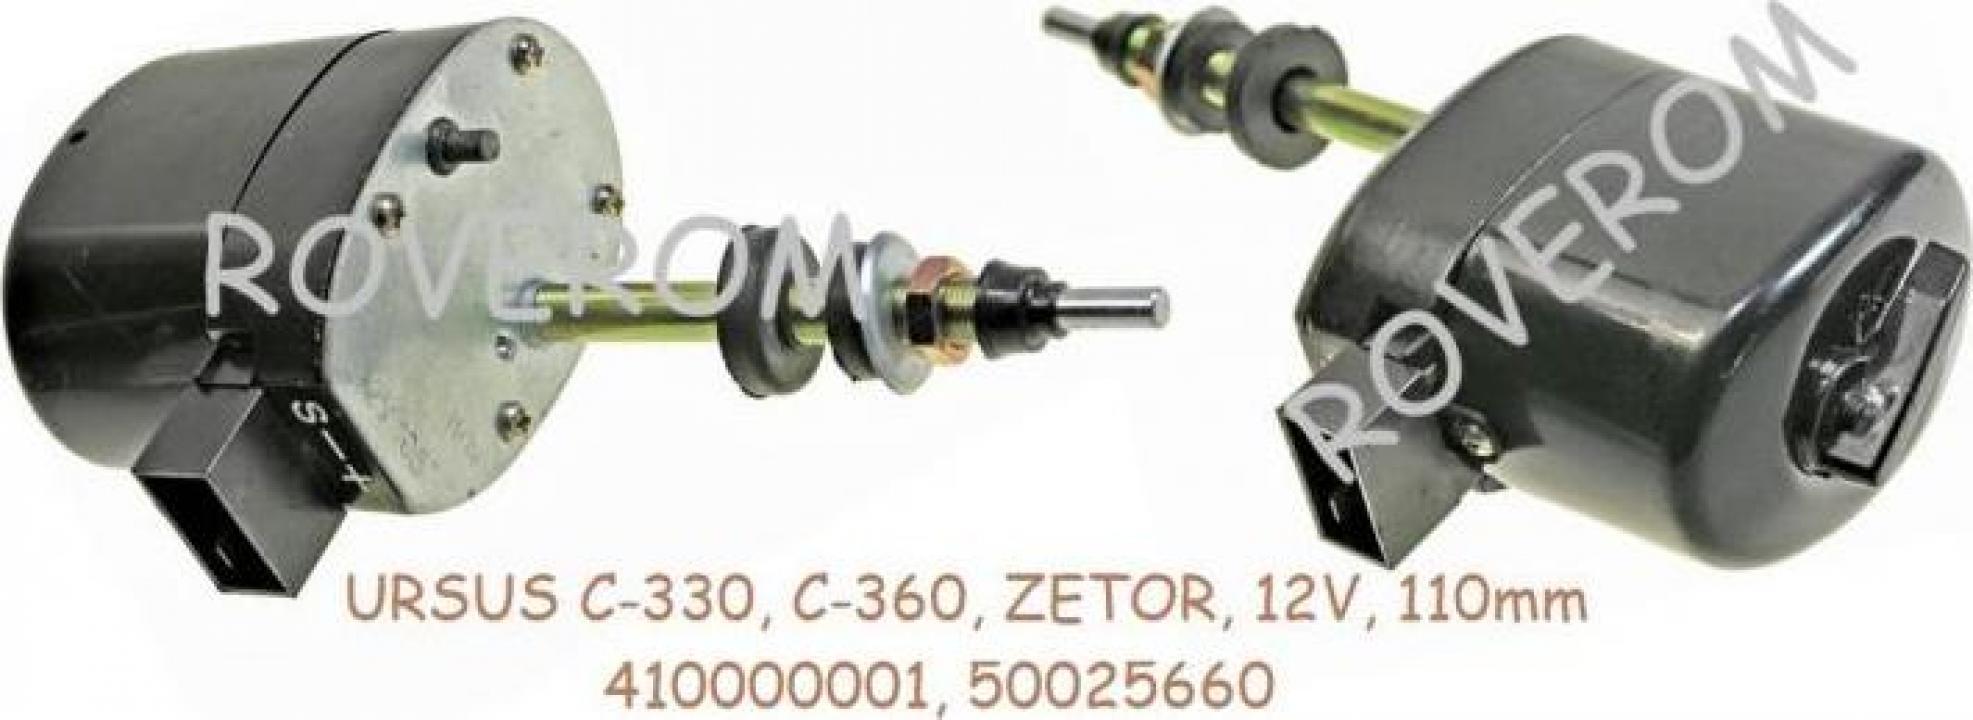 Motoras stergator parbriz Ursus C330, C360, Zetor, 12V 110mm